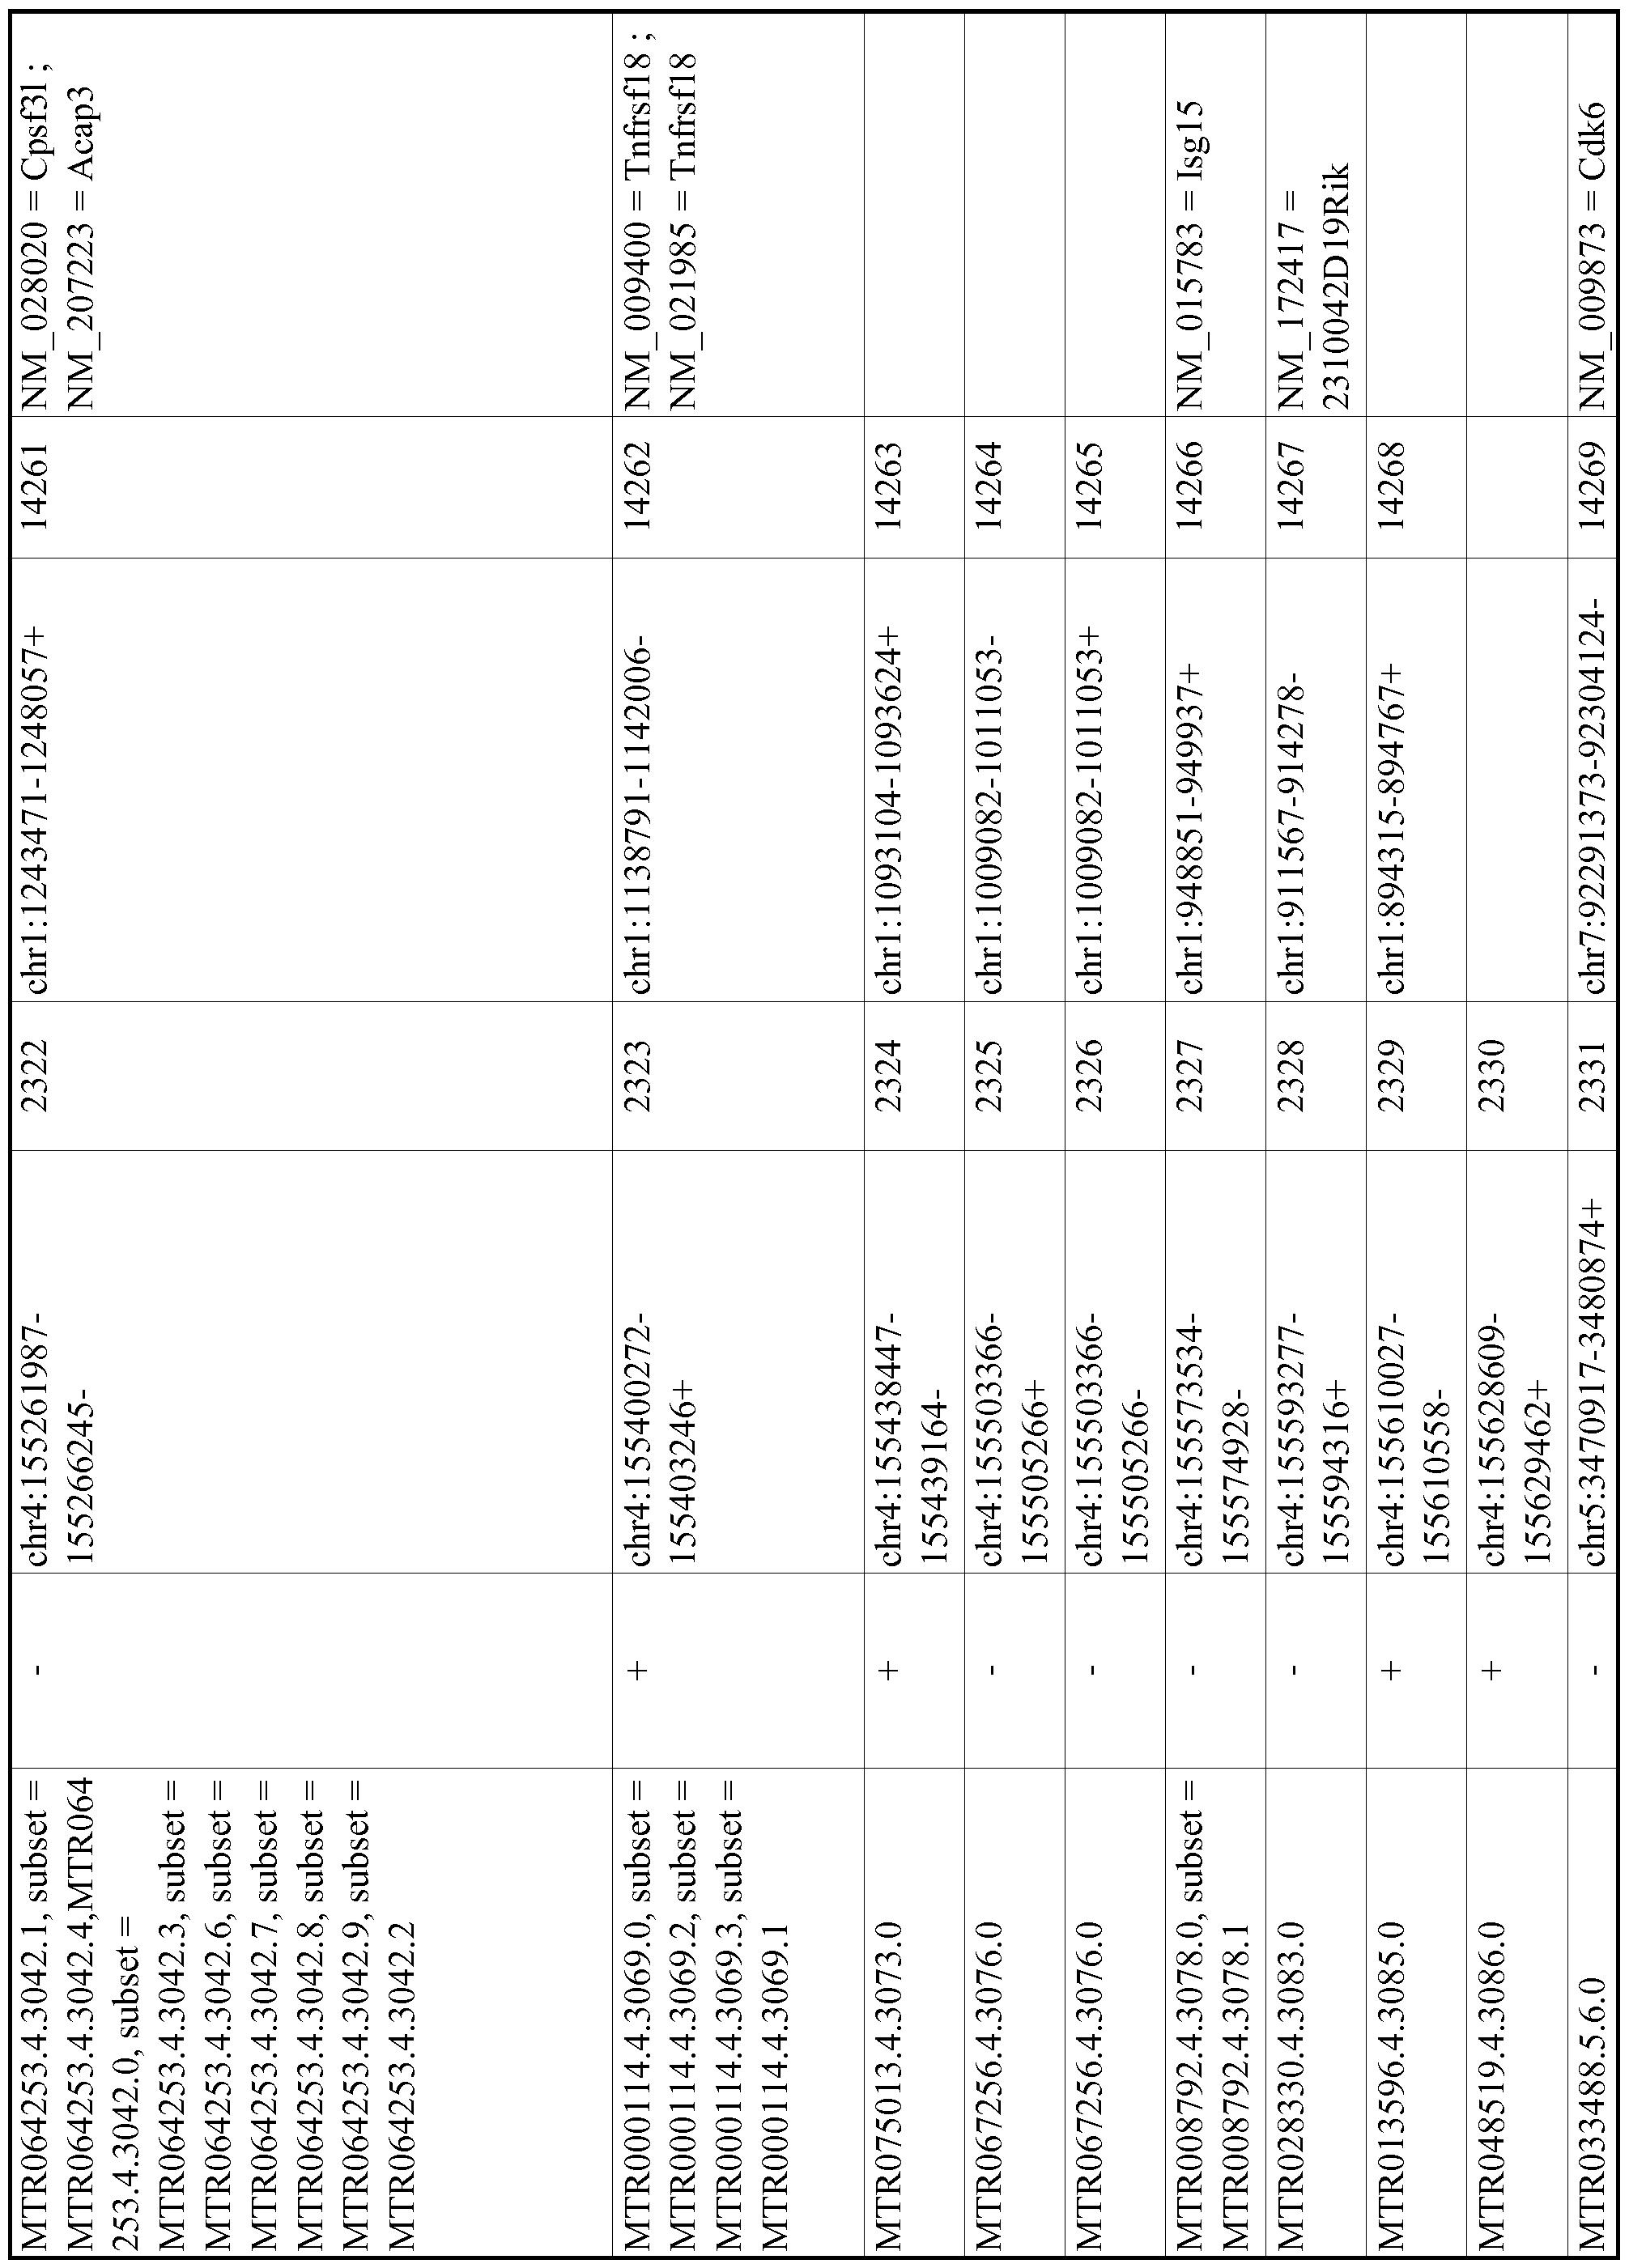 Figure imgf000511_0001